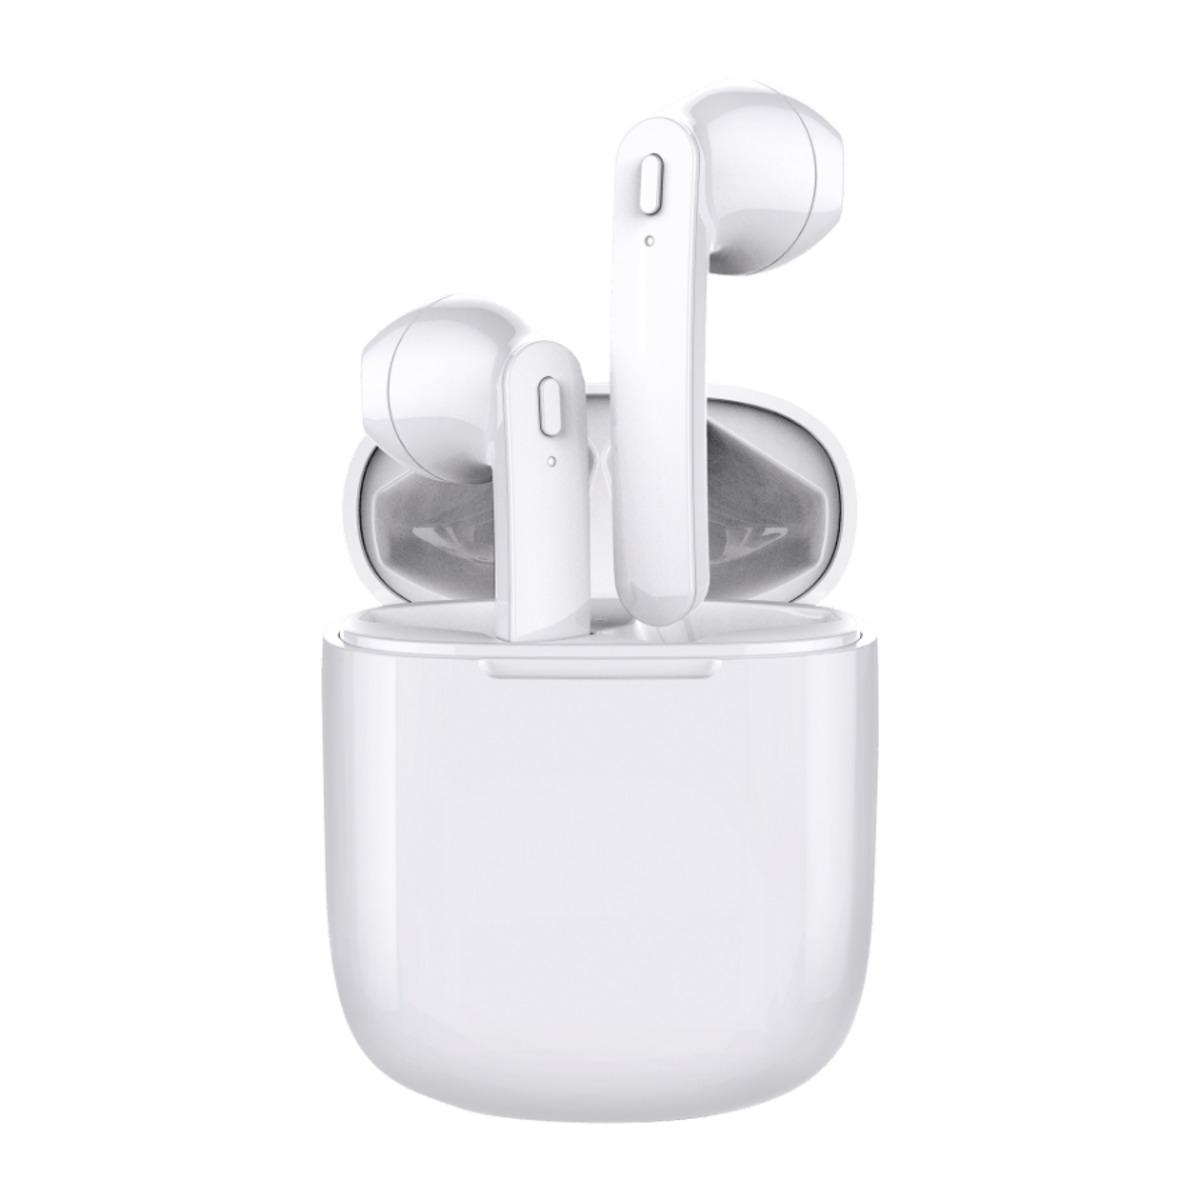 Bild 4 von Maginon BIK-3 True Wireless Stereo Ohrhörer